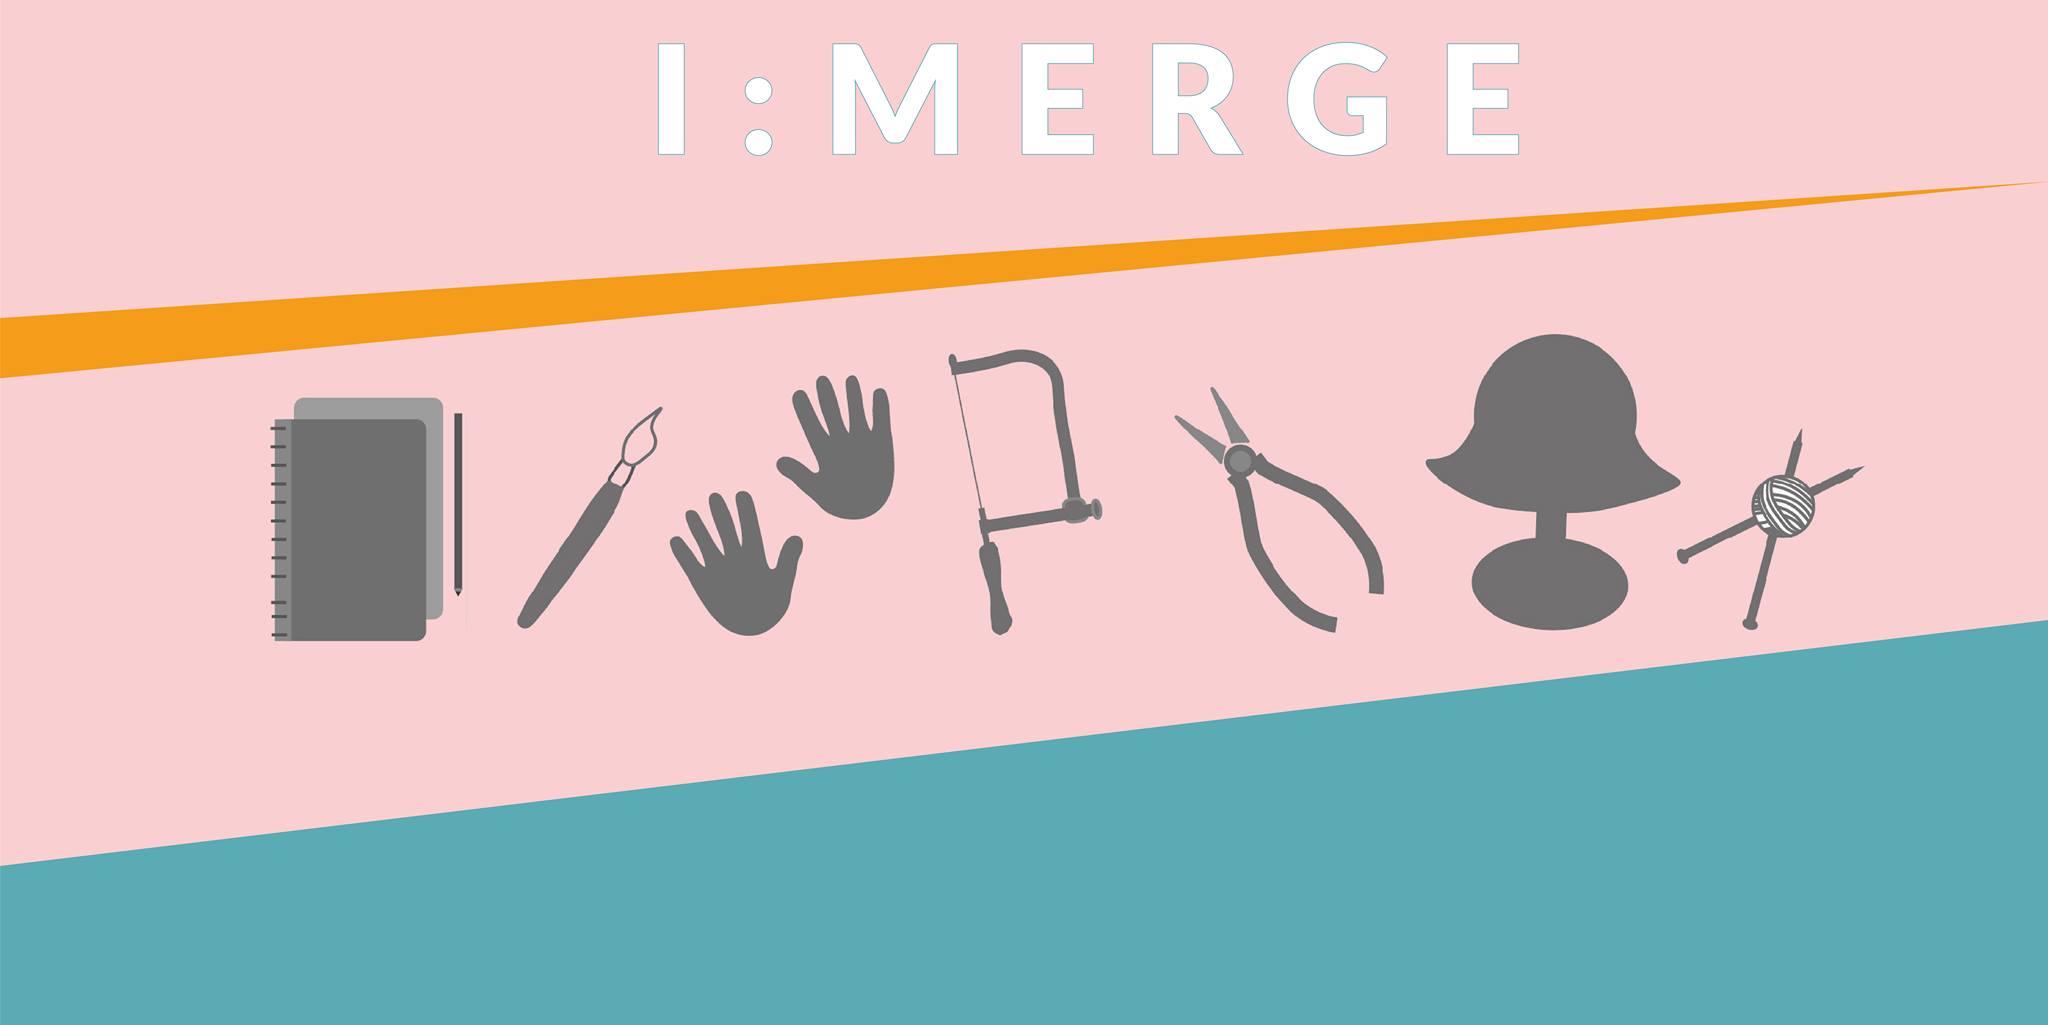 IMerge logo